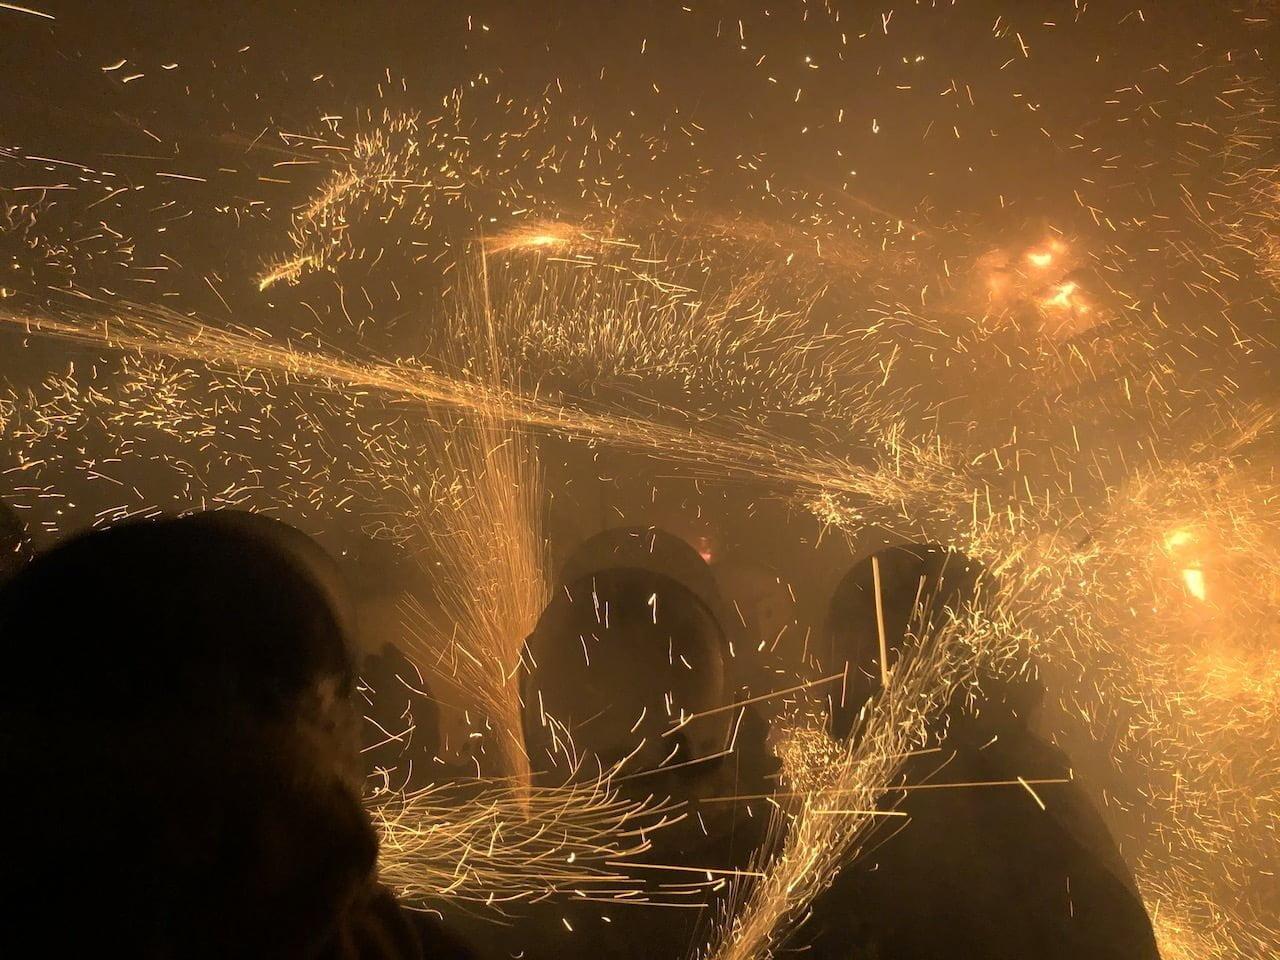 鹽水蜂炮(塩水ロケット花火祭り)の2020年の参加写真